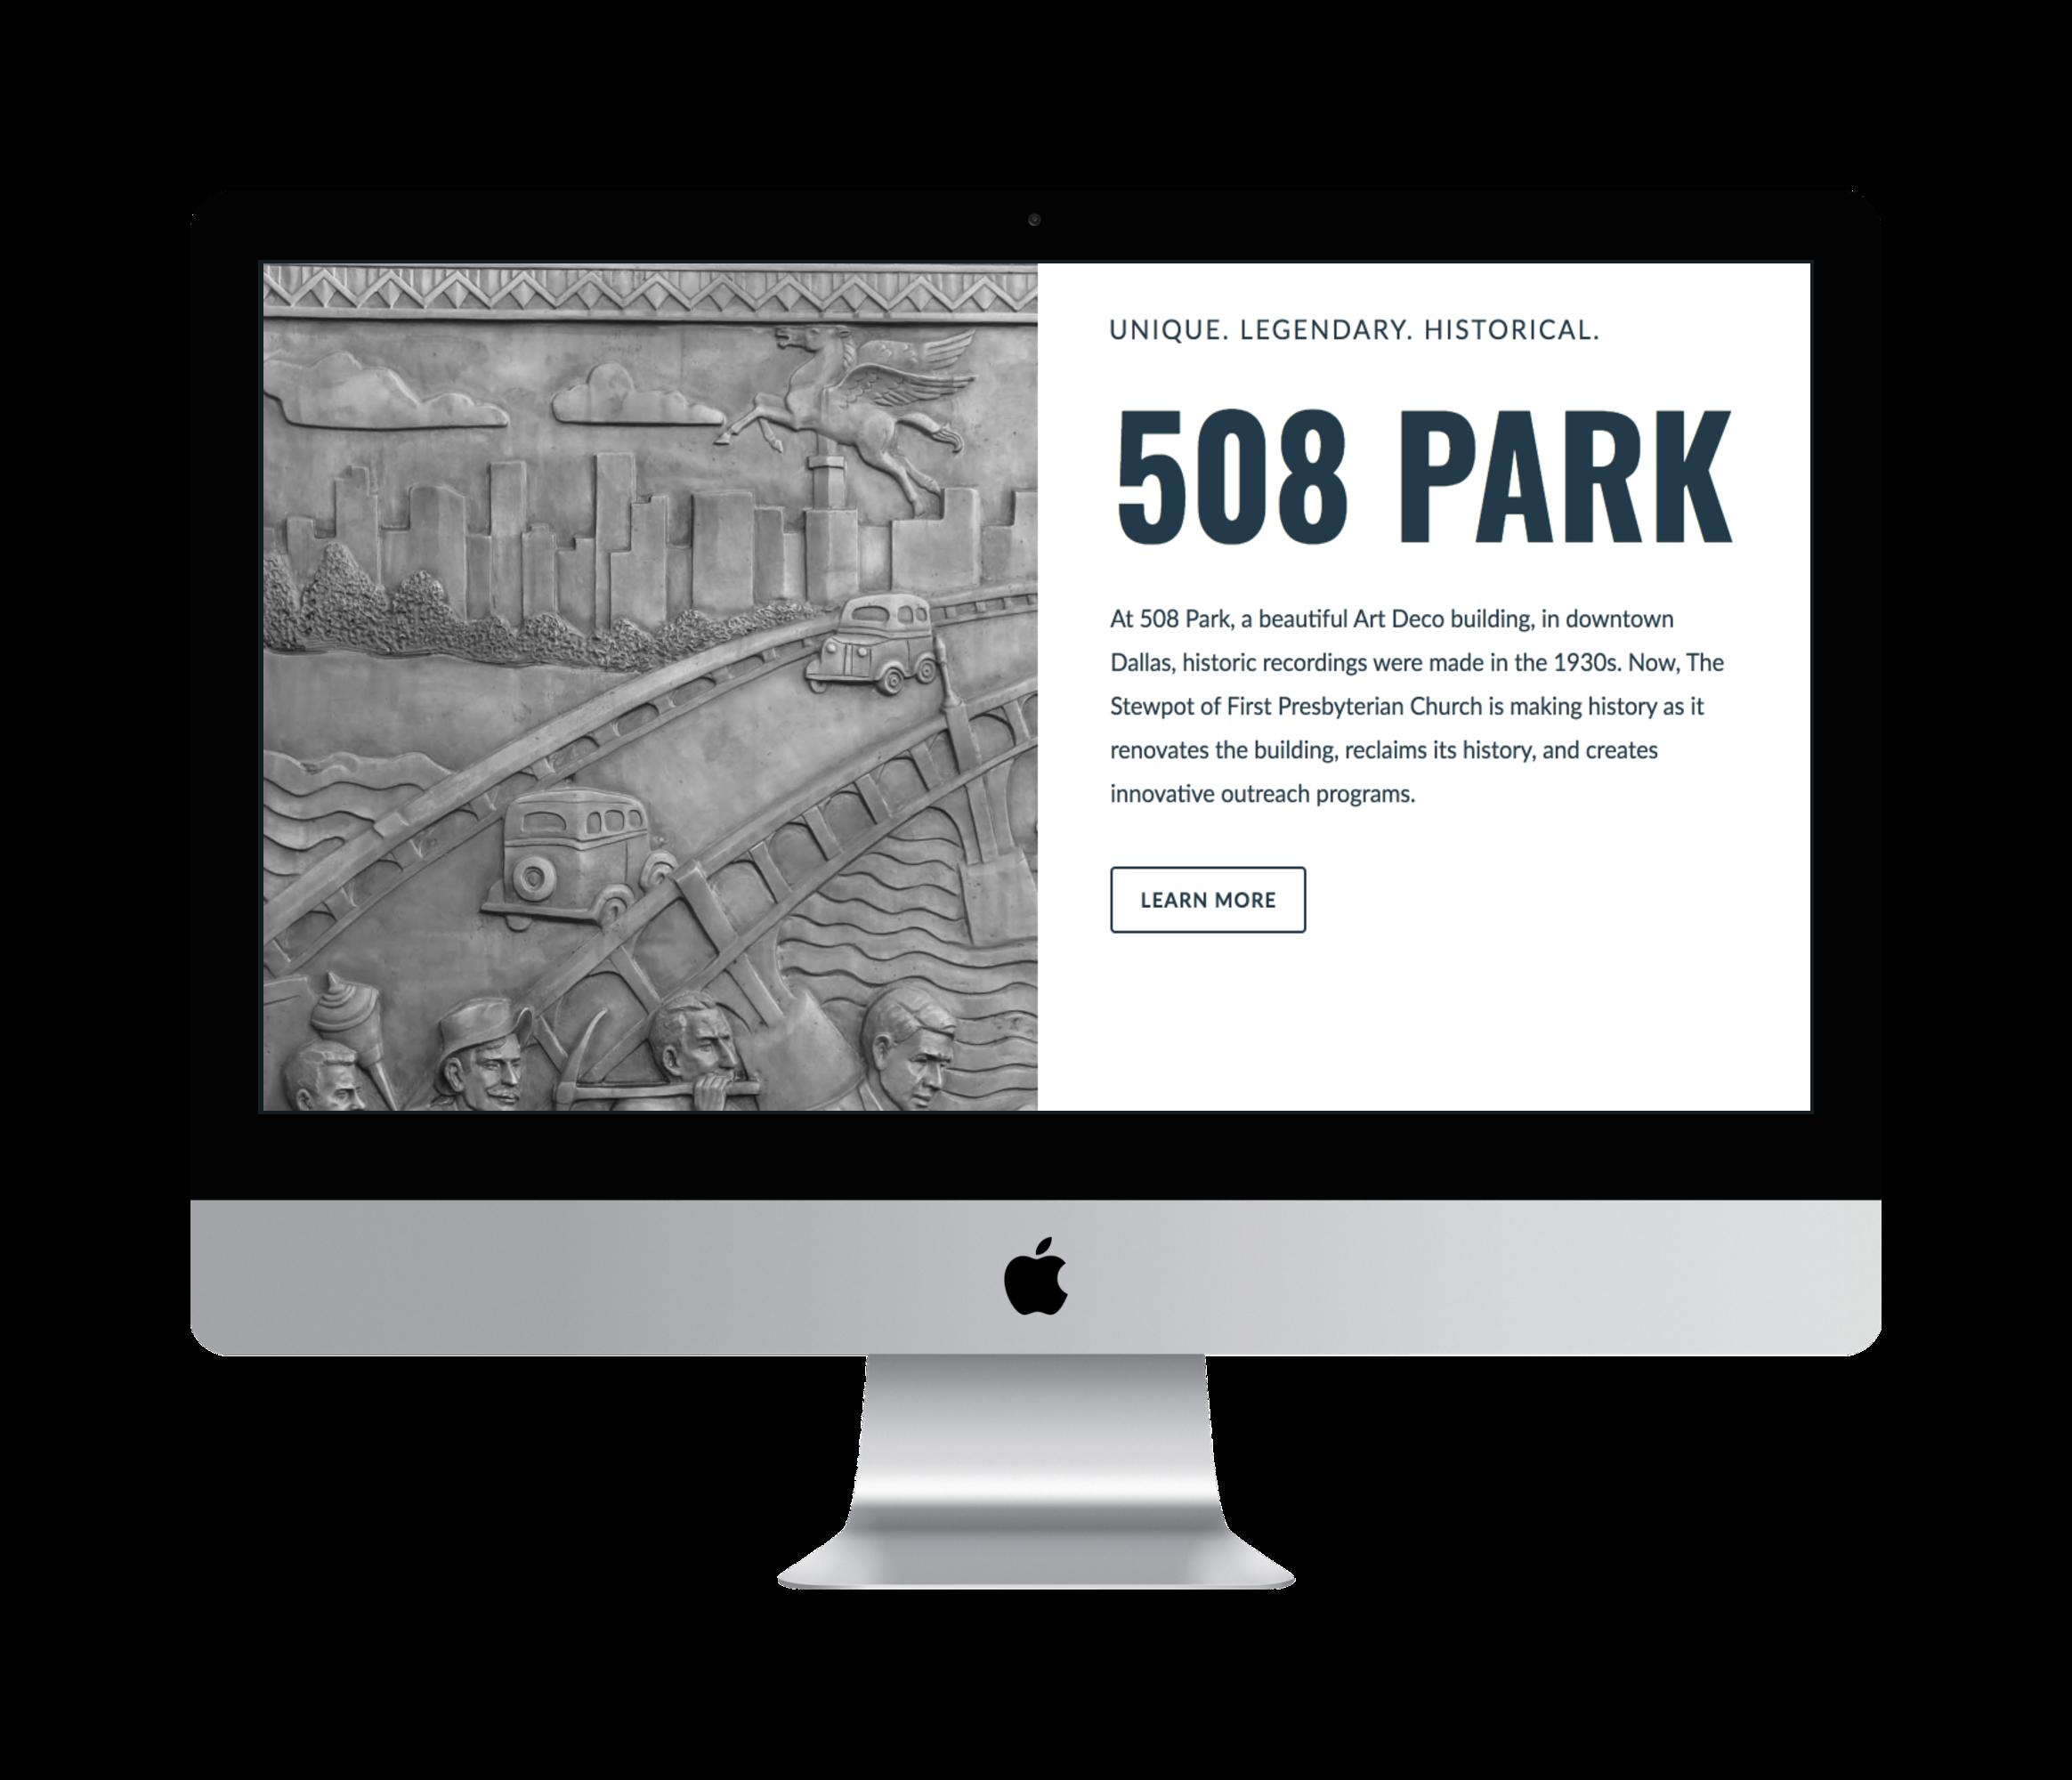 screenshot-www.508park.org 2017-08-09 11-23-07-iMac.png